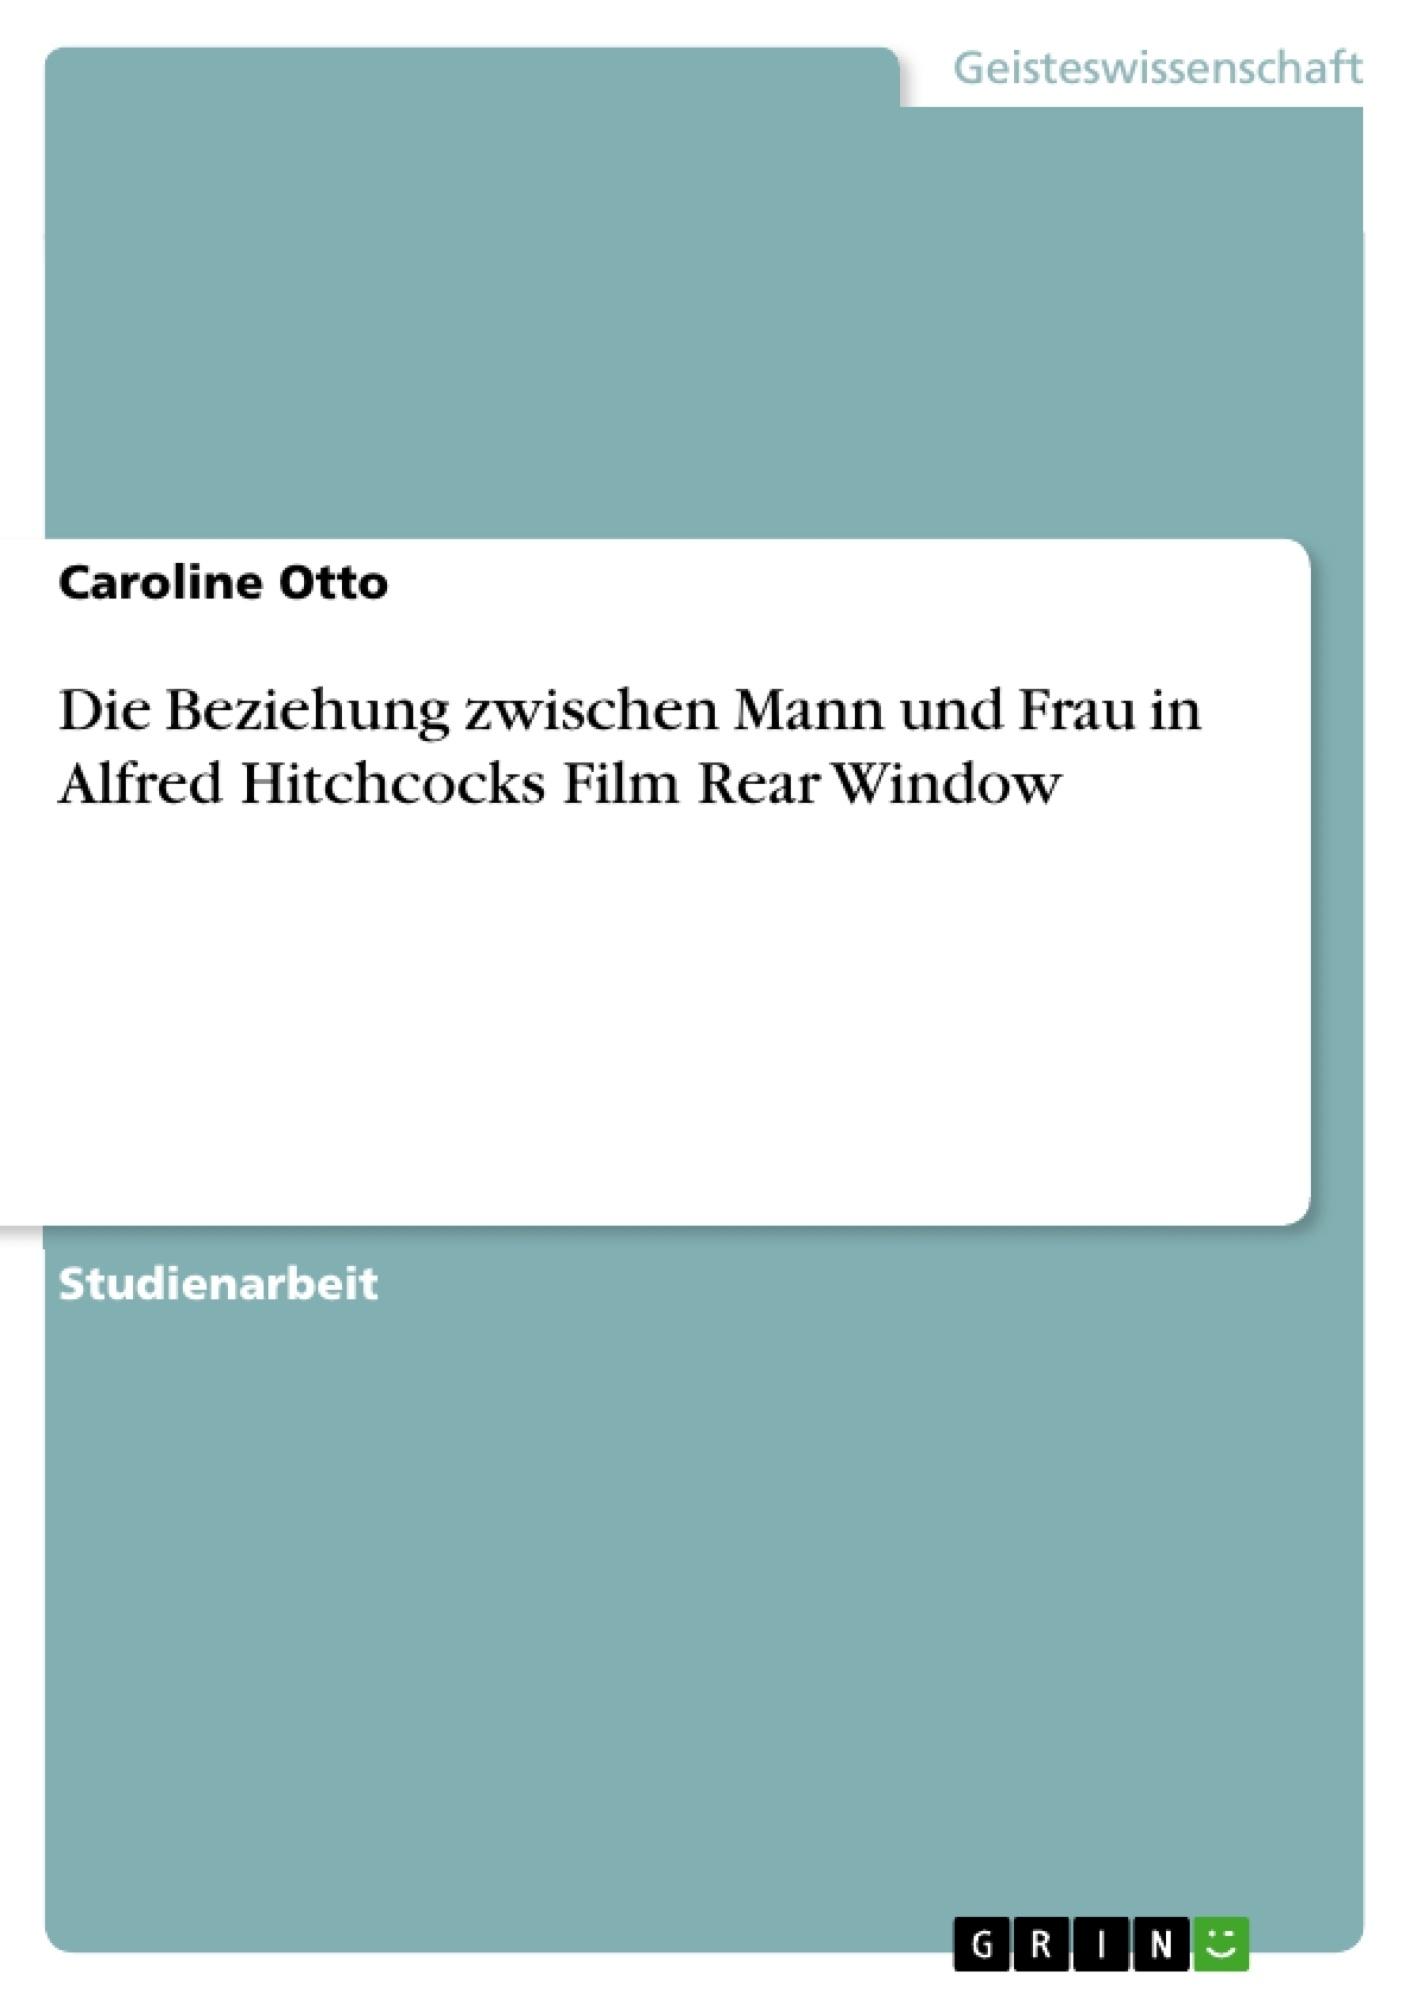 Titel: Die Beziehung zwischen Mann und Frau in Alfred Hitchcocks Film Rear Window